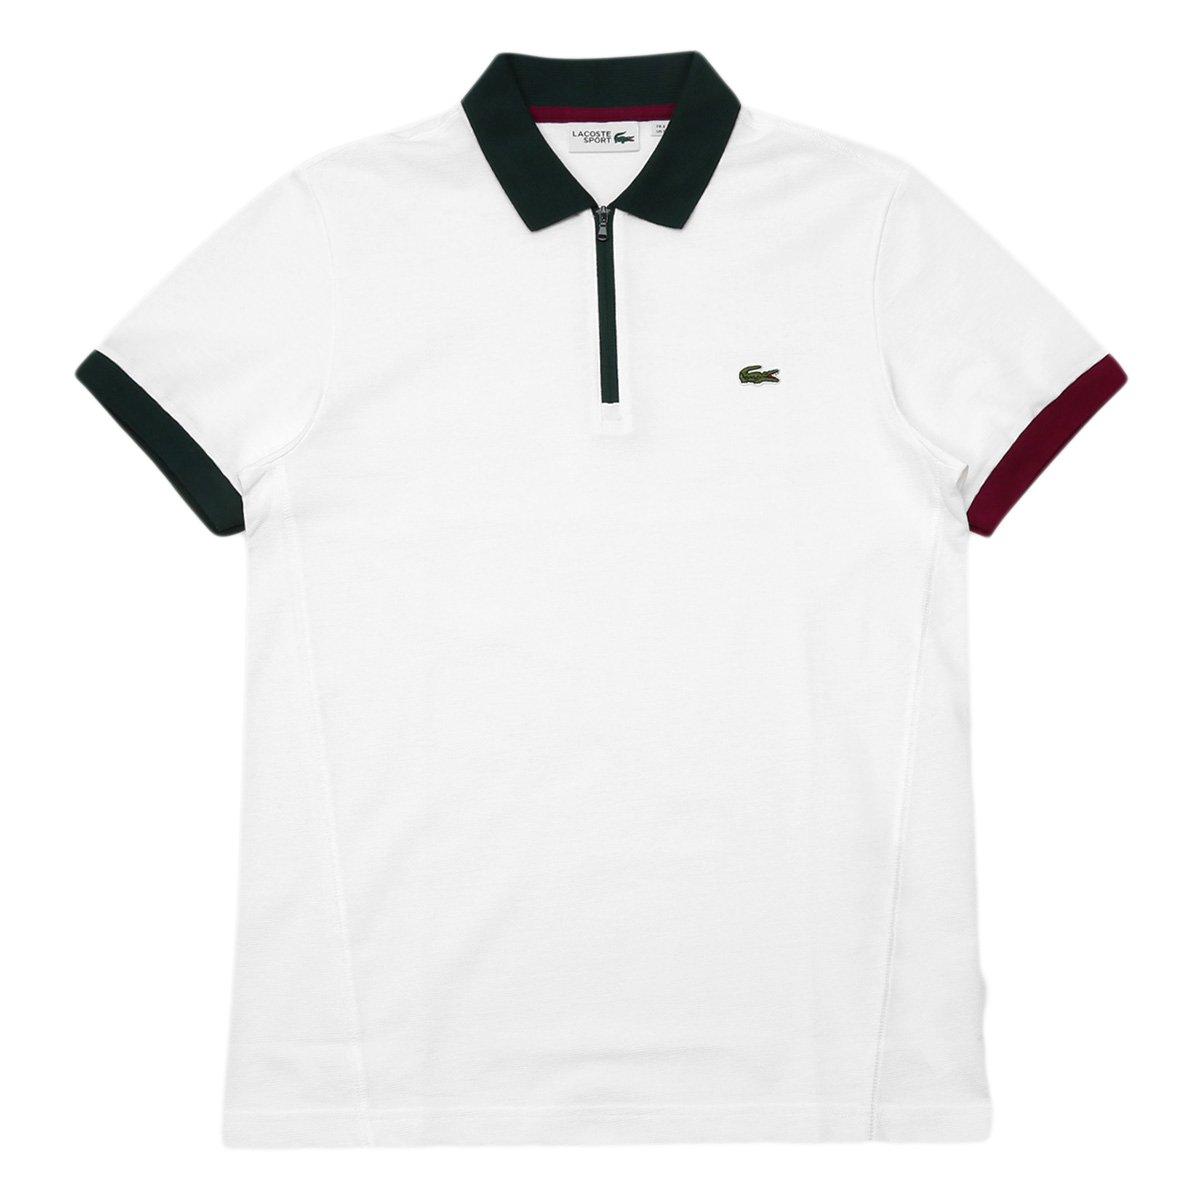 7ceb3bdae3e Camisa Polo Lacoste Manga Curta Yh892221